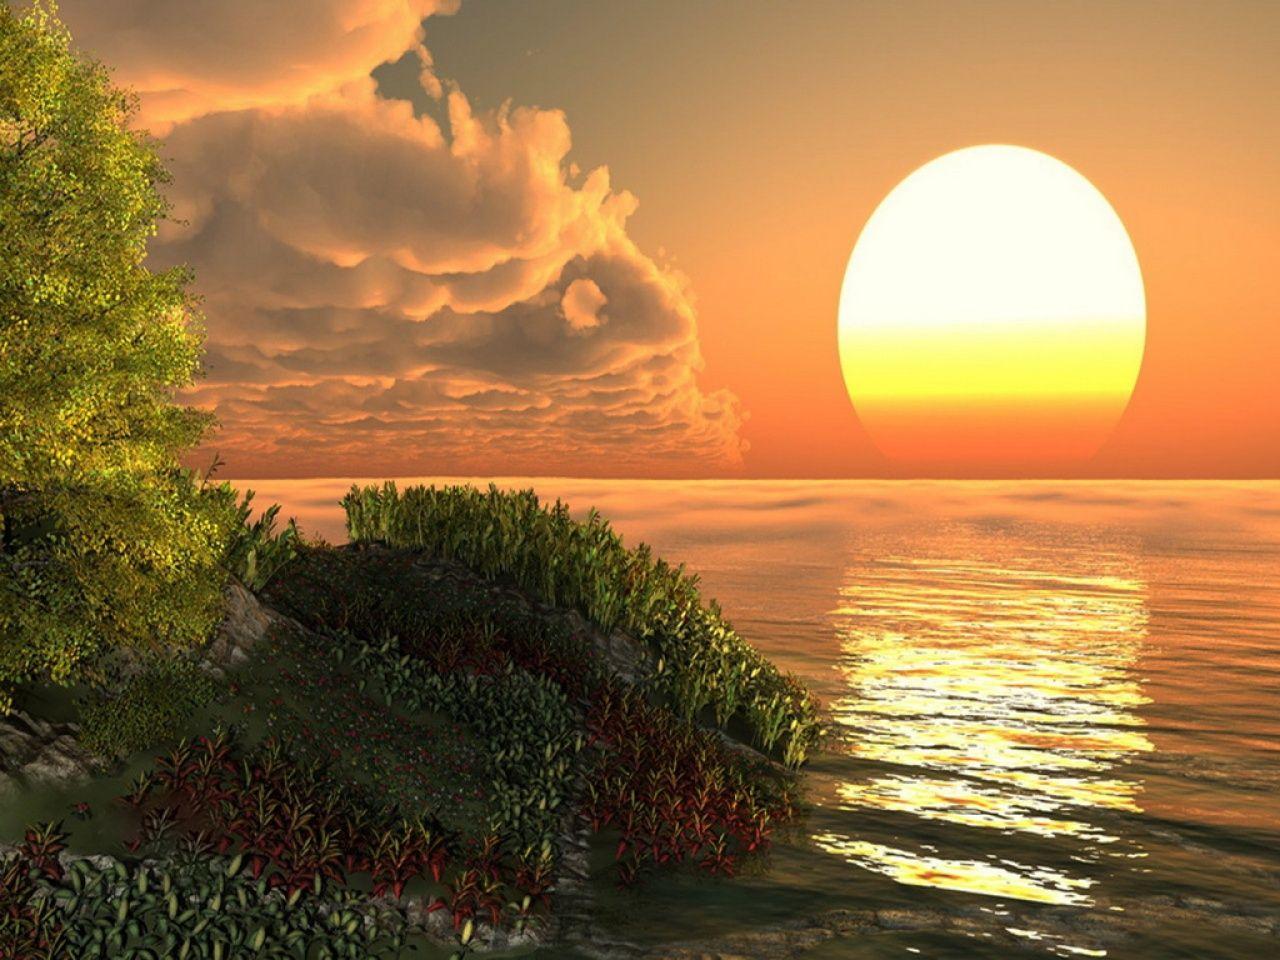 Reflejos En El Agua Paisajes Amanecer En El Mar Reflejos En El Agua